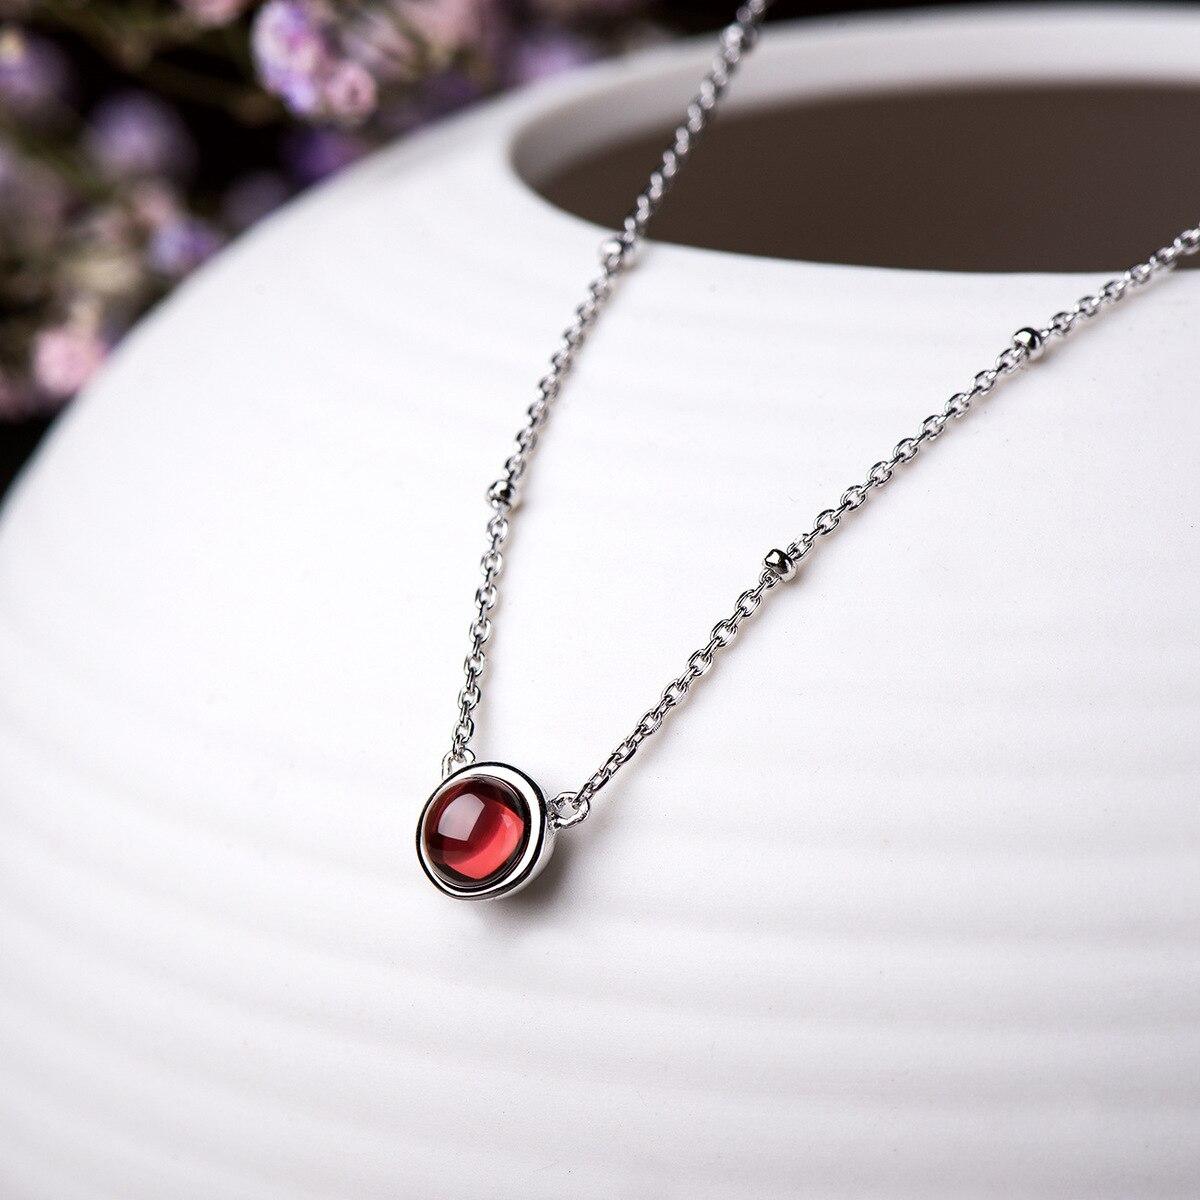 Rétro grenat couleur rouge 100% 925 pendentif en argent Sterling collier femme chaîne en argent femmes bijoux fête des mères